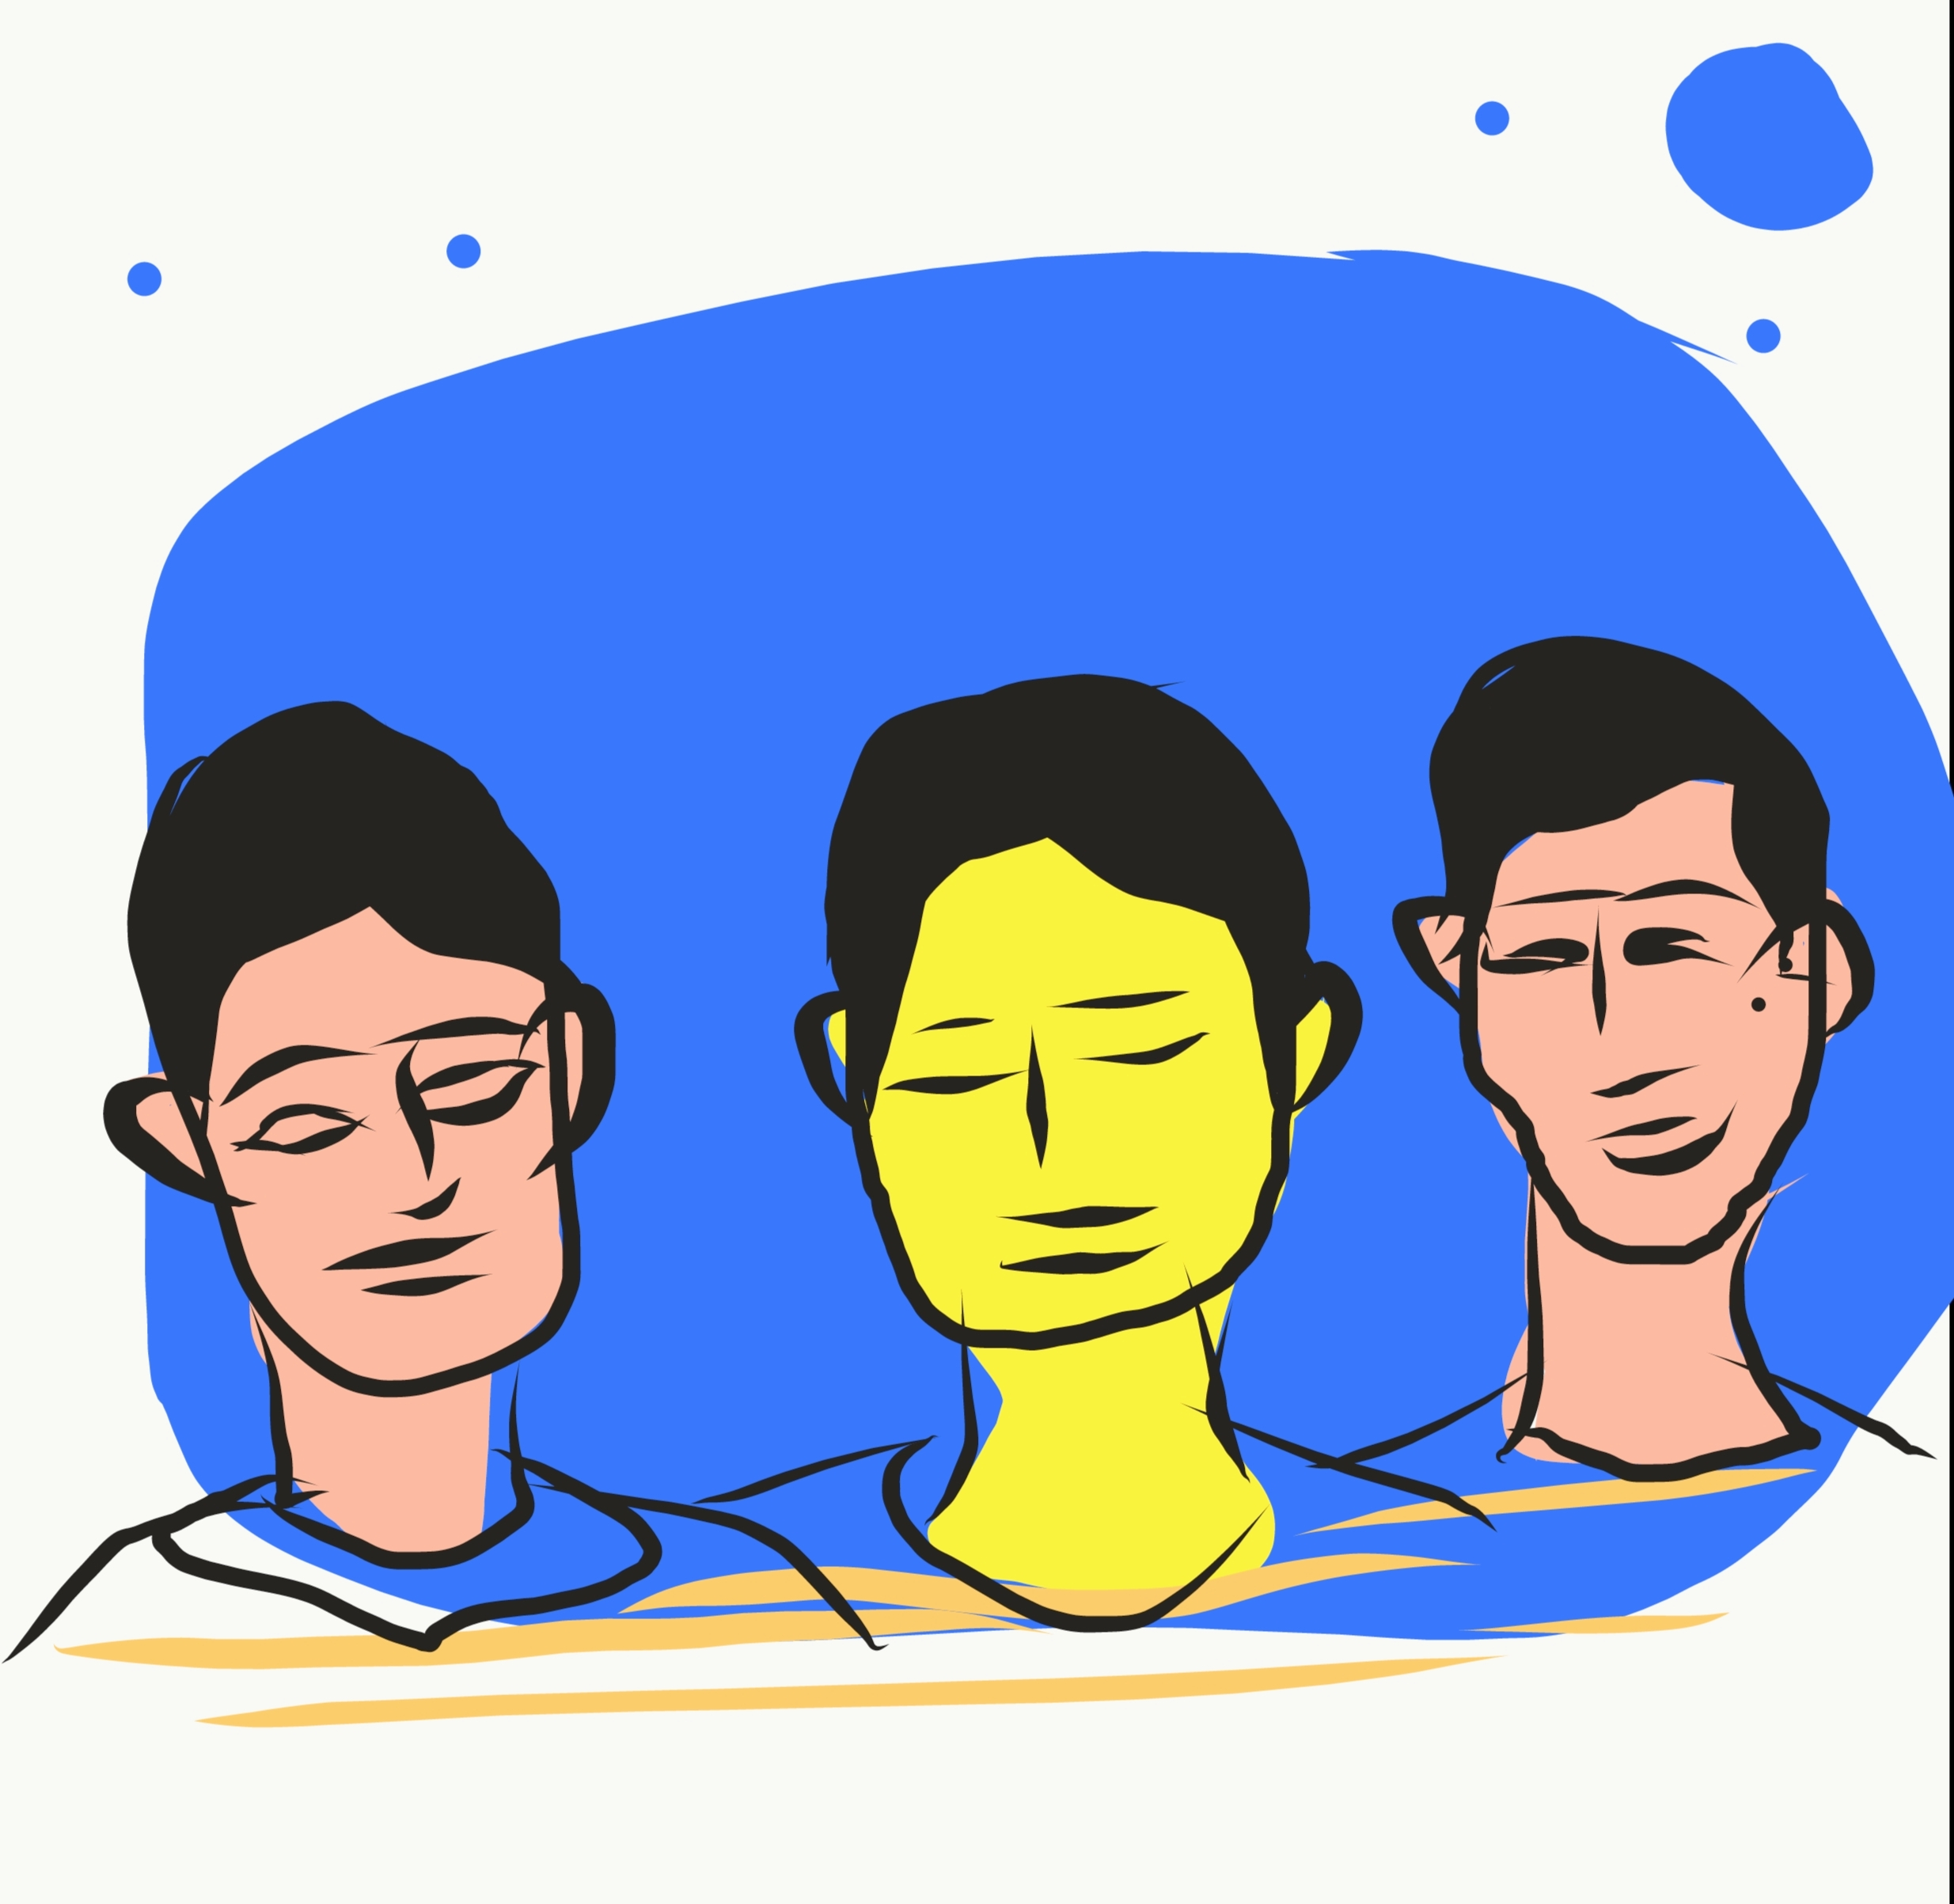 Man Face Illustration